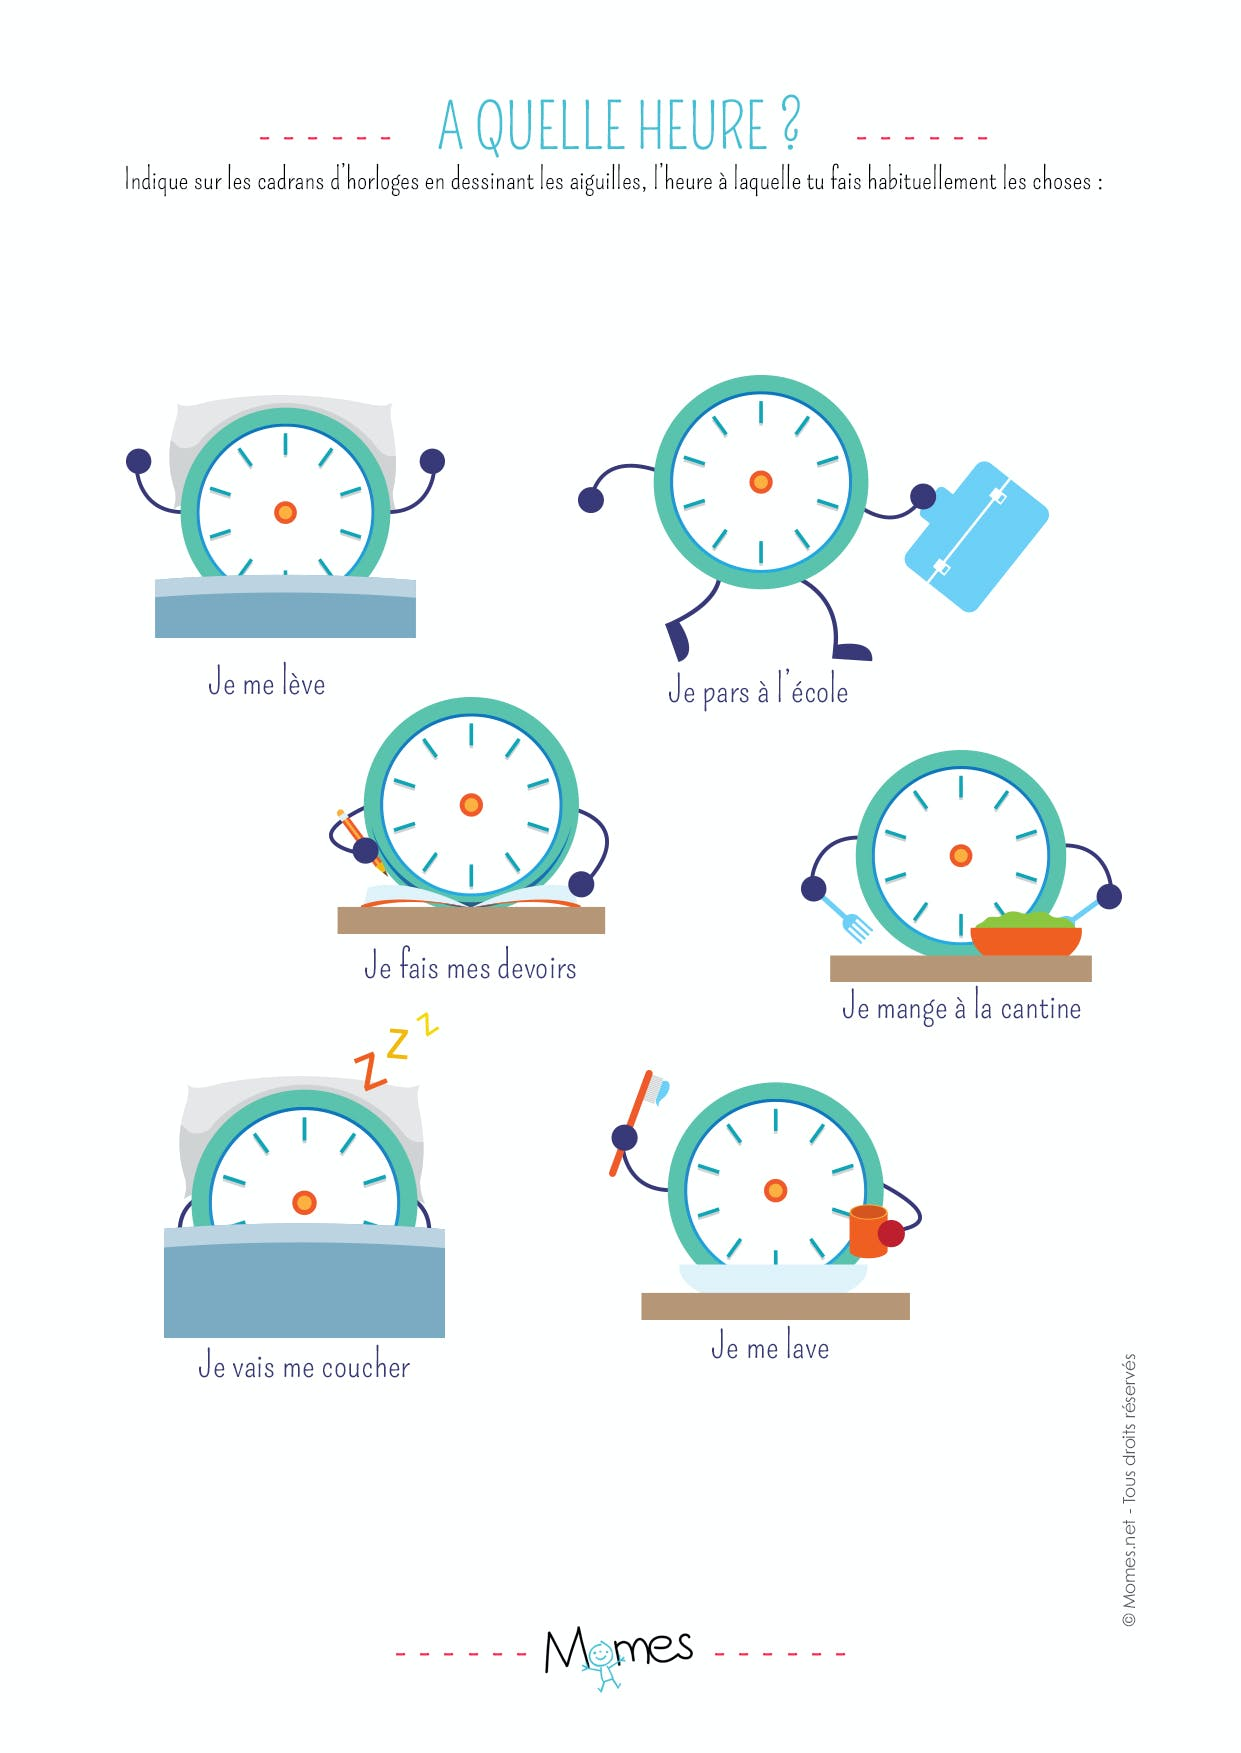 A quelle heure ? Exercice